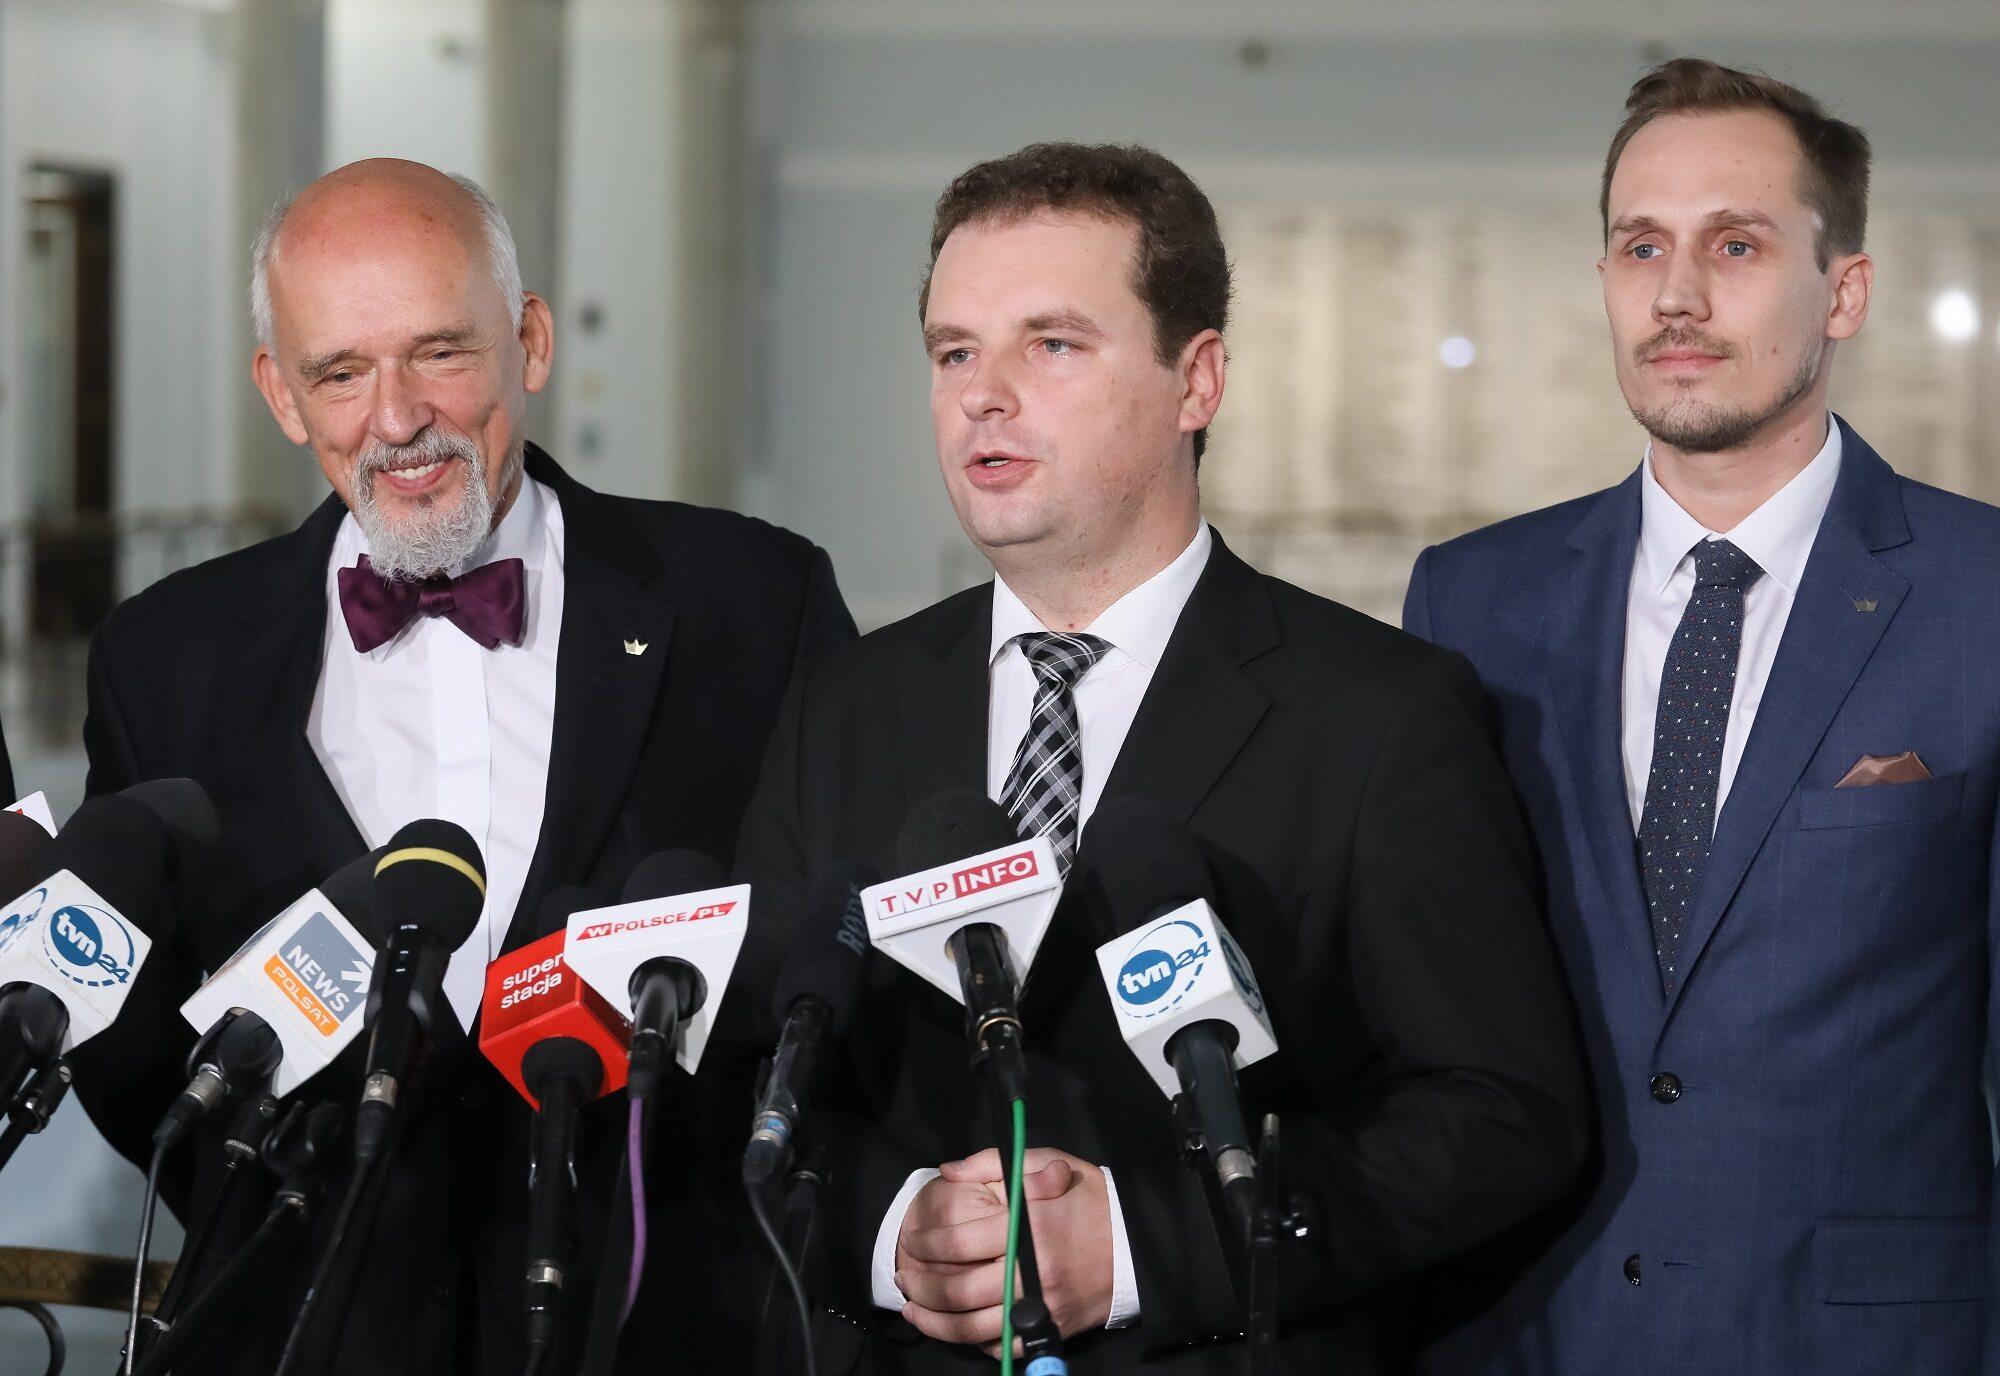 Janusz Korwin-Mikke, Jacek Wilk, Konrad Berkowicz